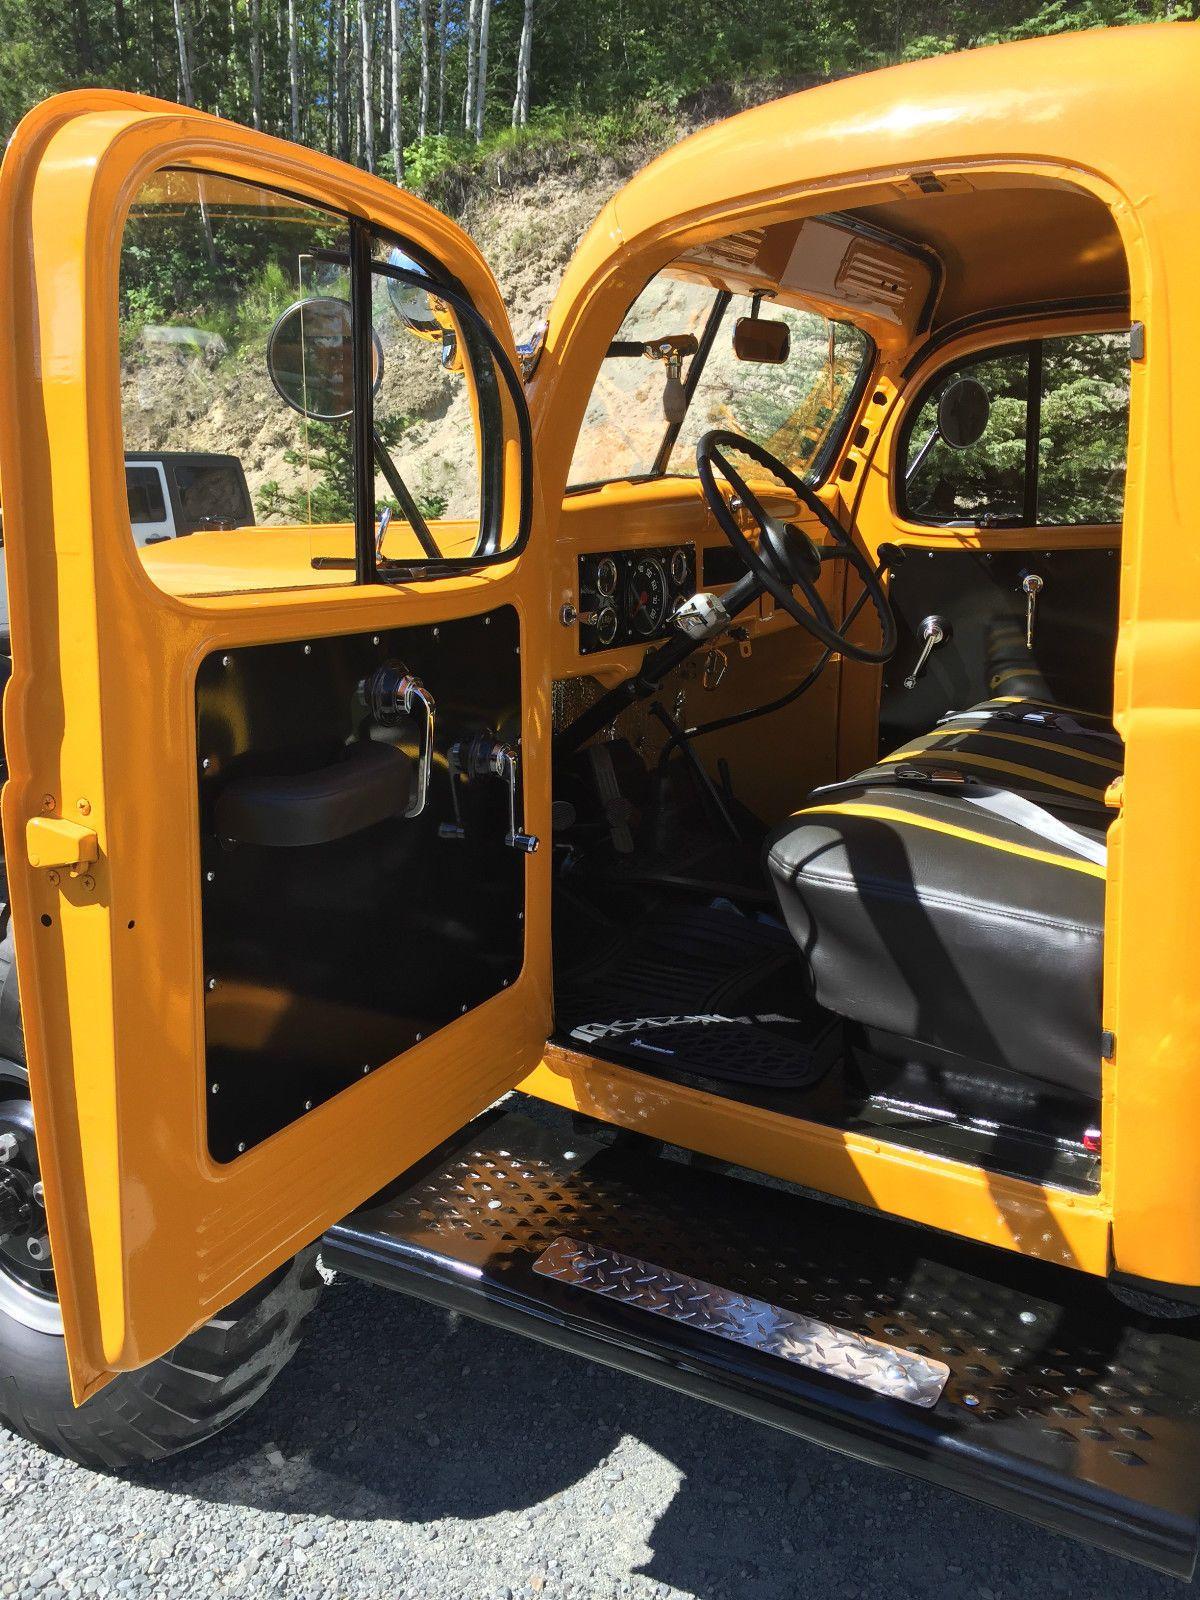 US $30,000.00 Used in eBay Motors, Cars & Trucks, Dodge | Road trips ...